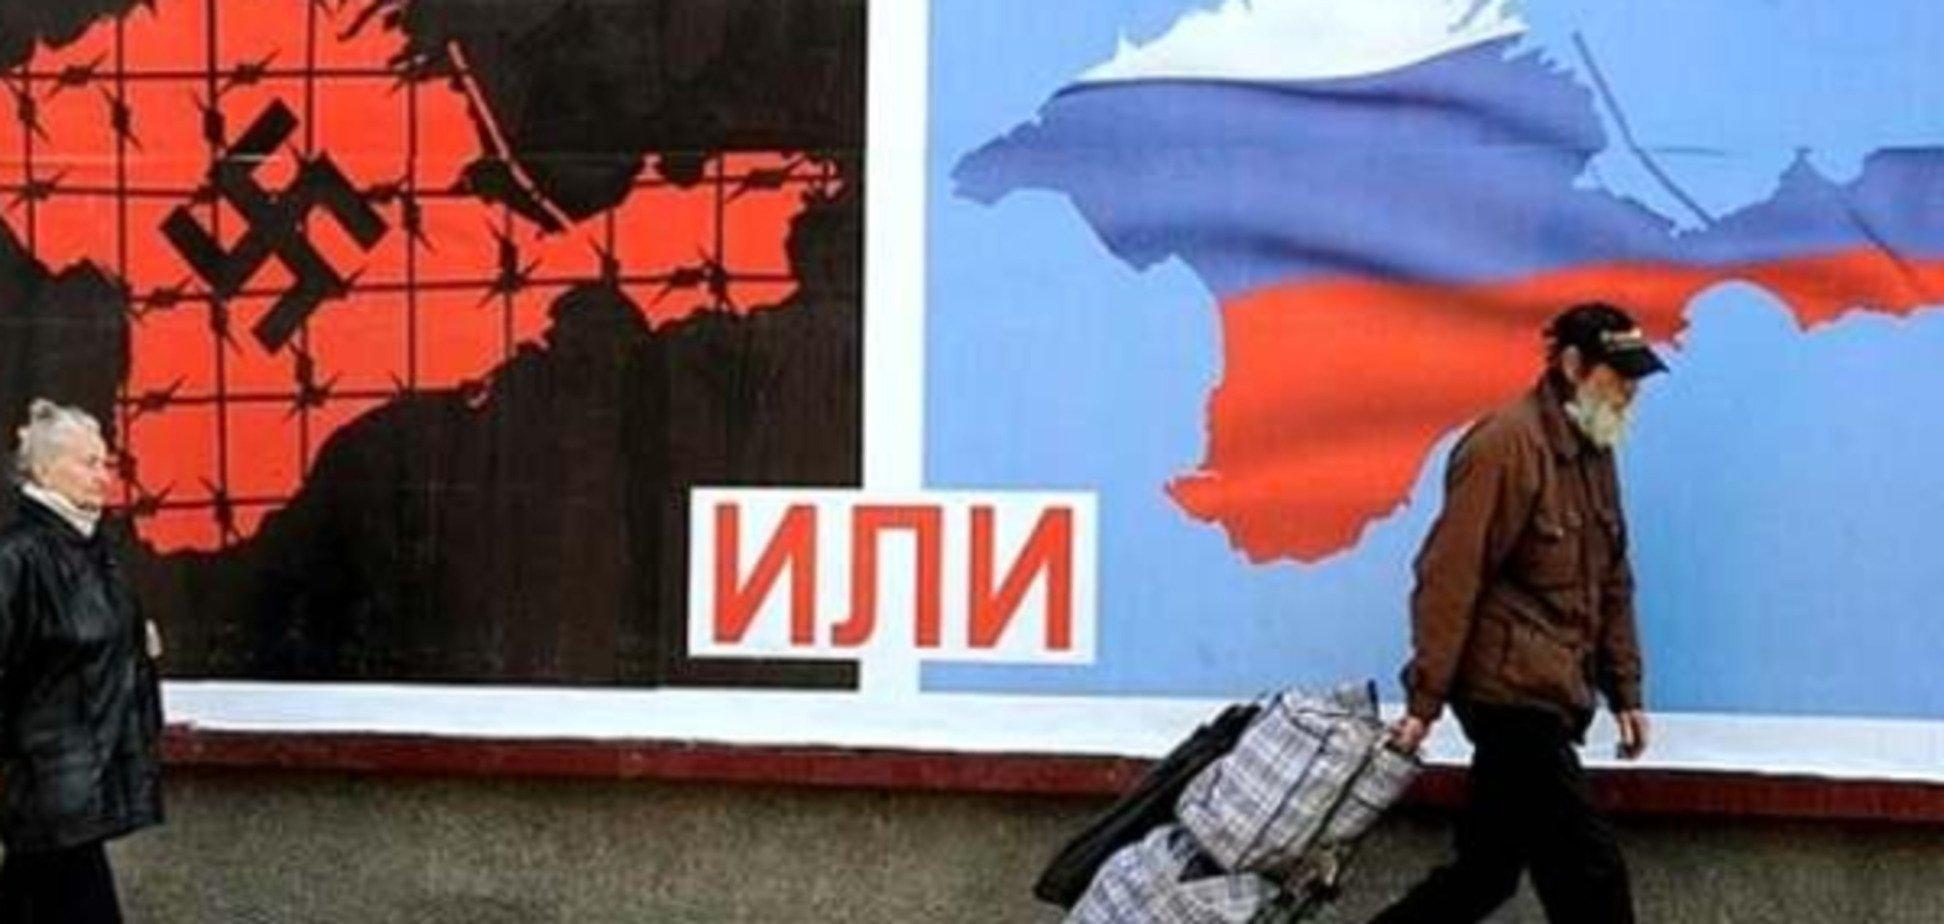 Зрада? Експерти розповіли, чому українська влада не хоче повертати Крим